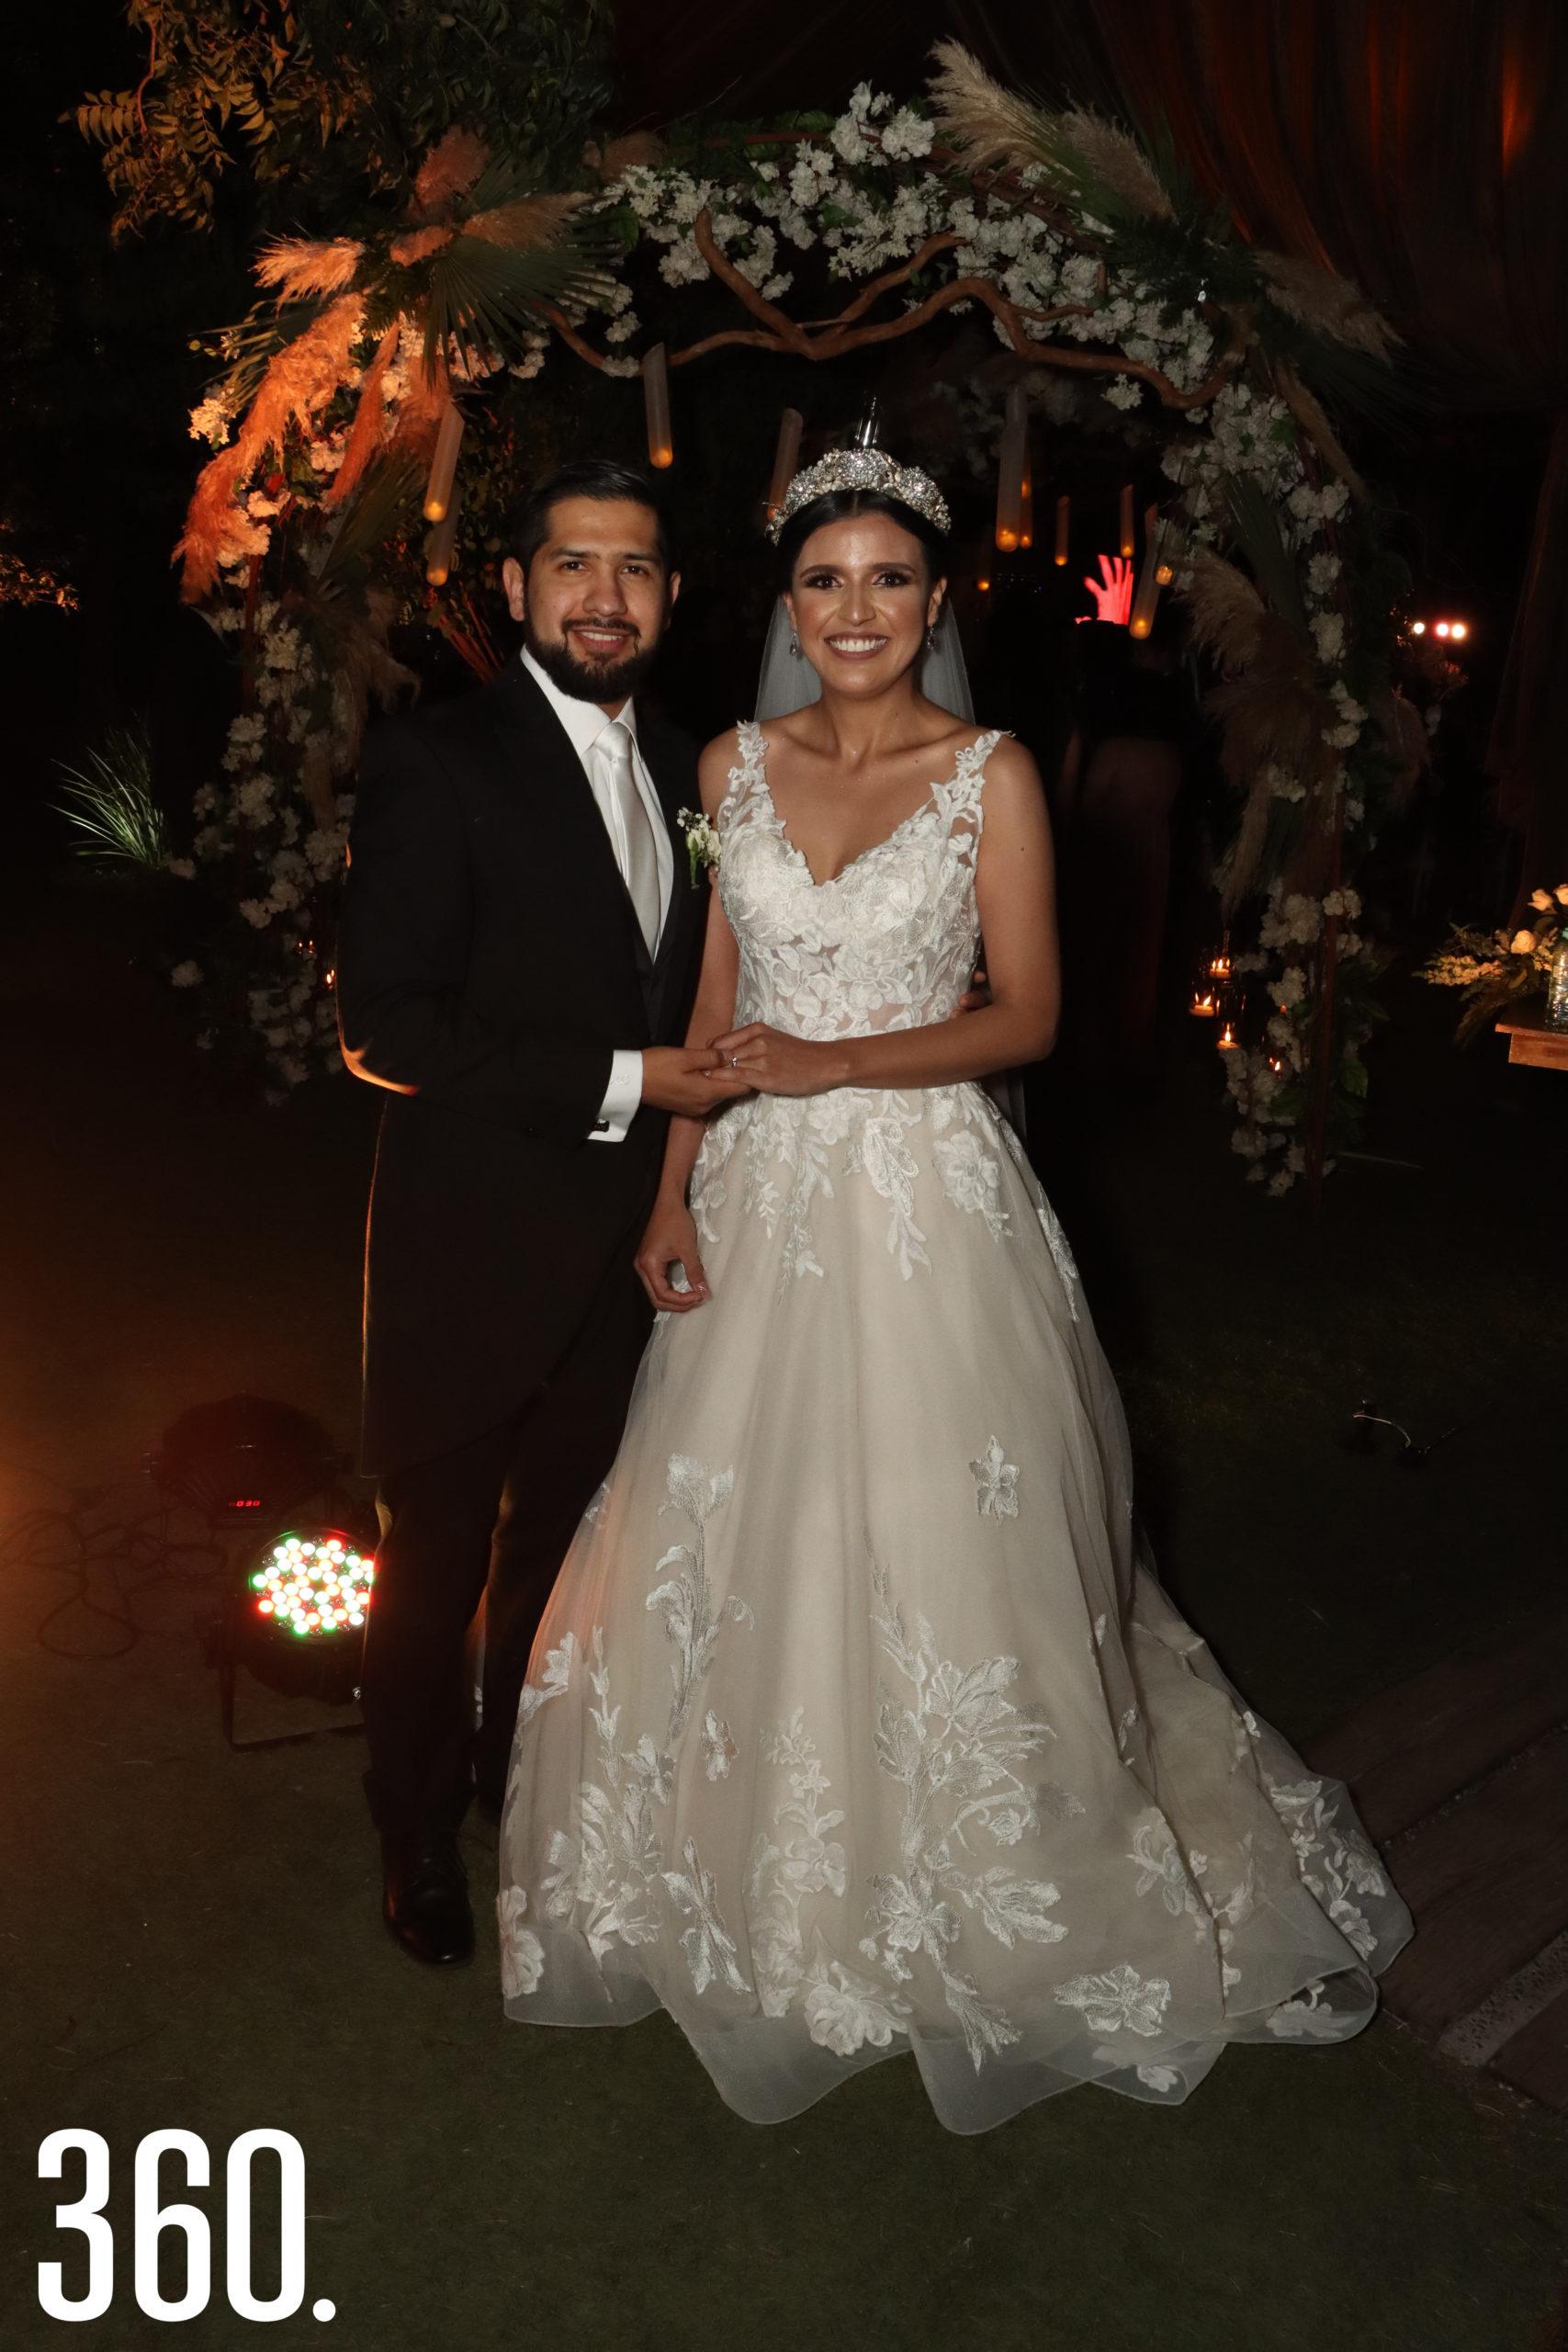 Los novios acompañados por los padres de la novia, Juan Carlos Mendoza Pérez y Justina Orozco Ávila